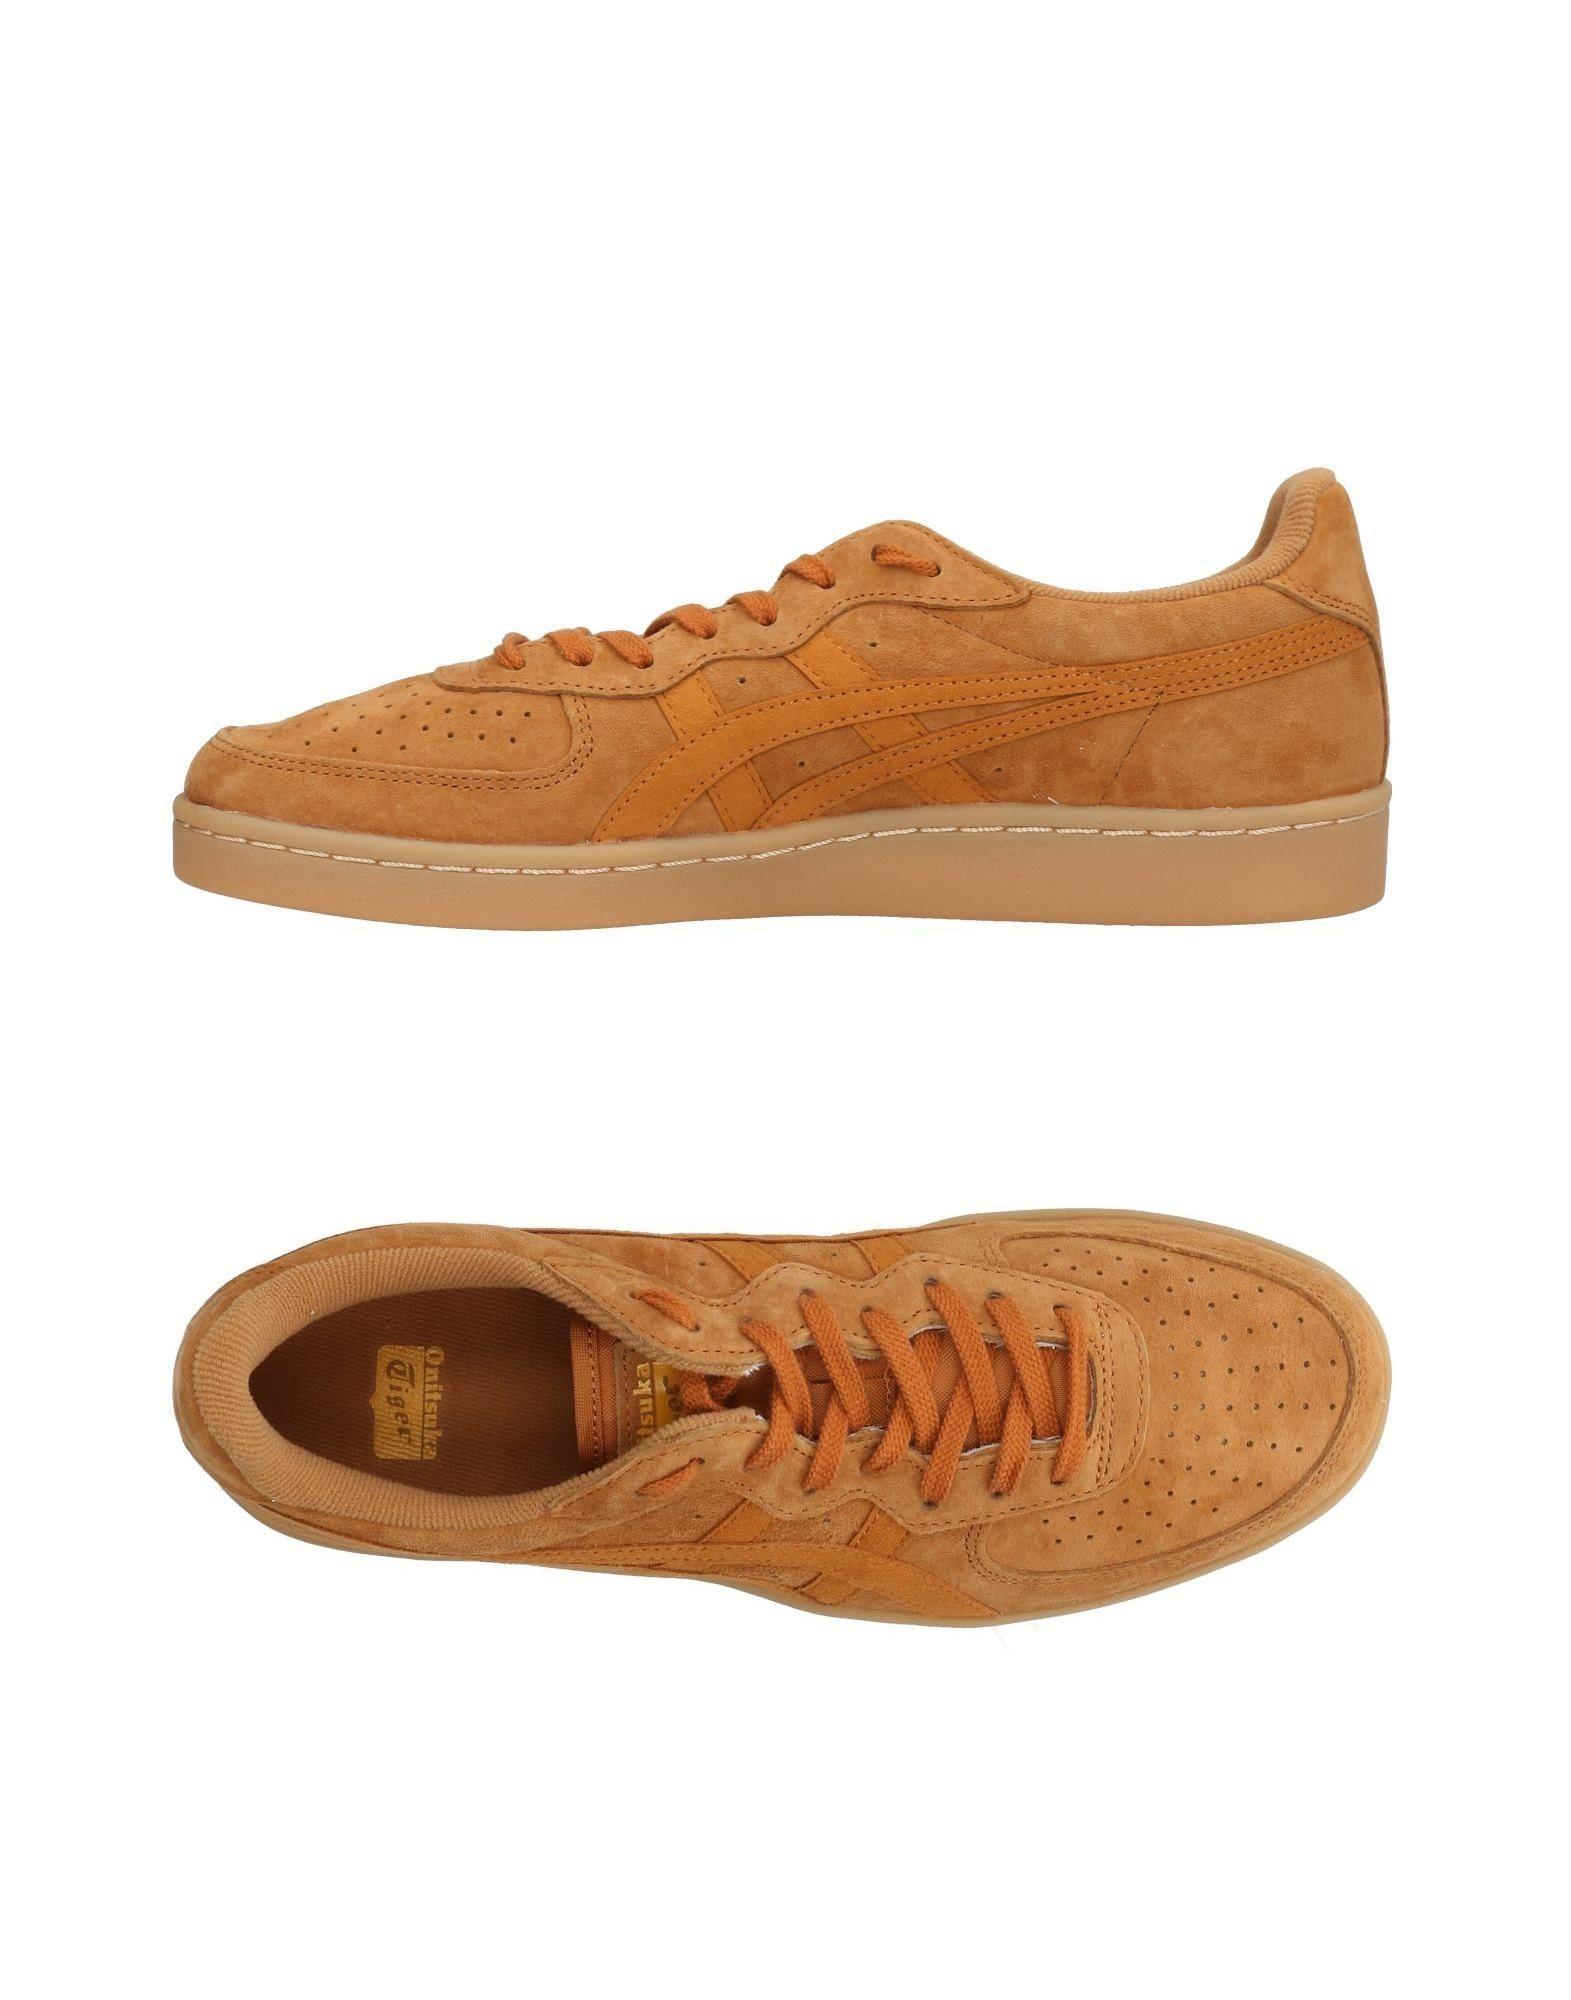 Rabatt echte Schuhe Onitsuka Tiger Sneakers Herren  11233010GD